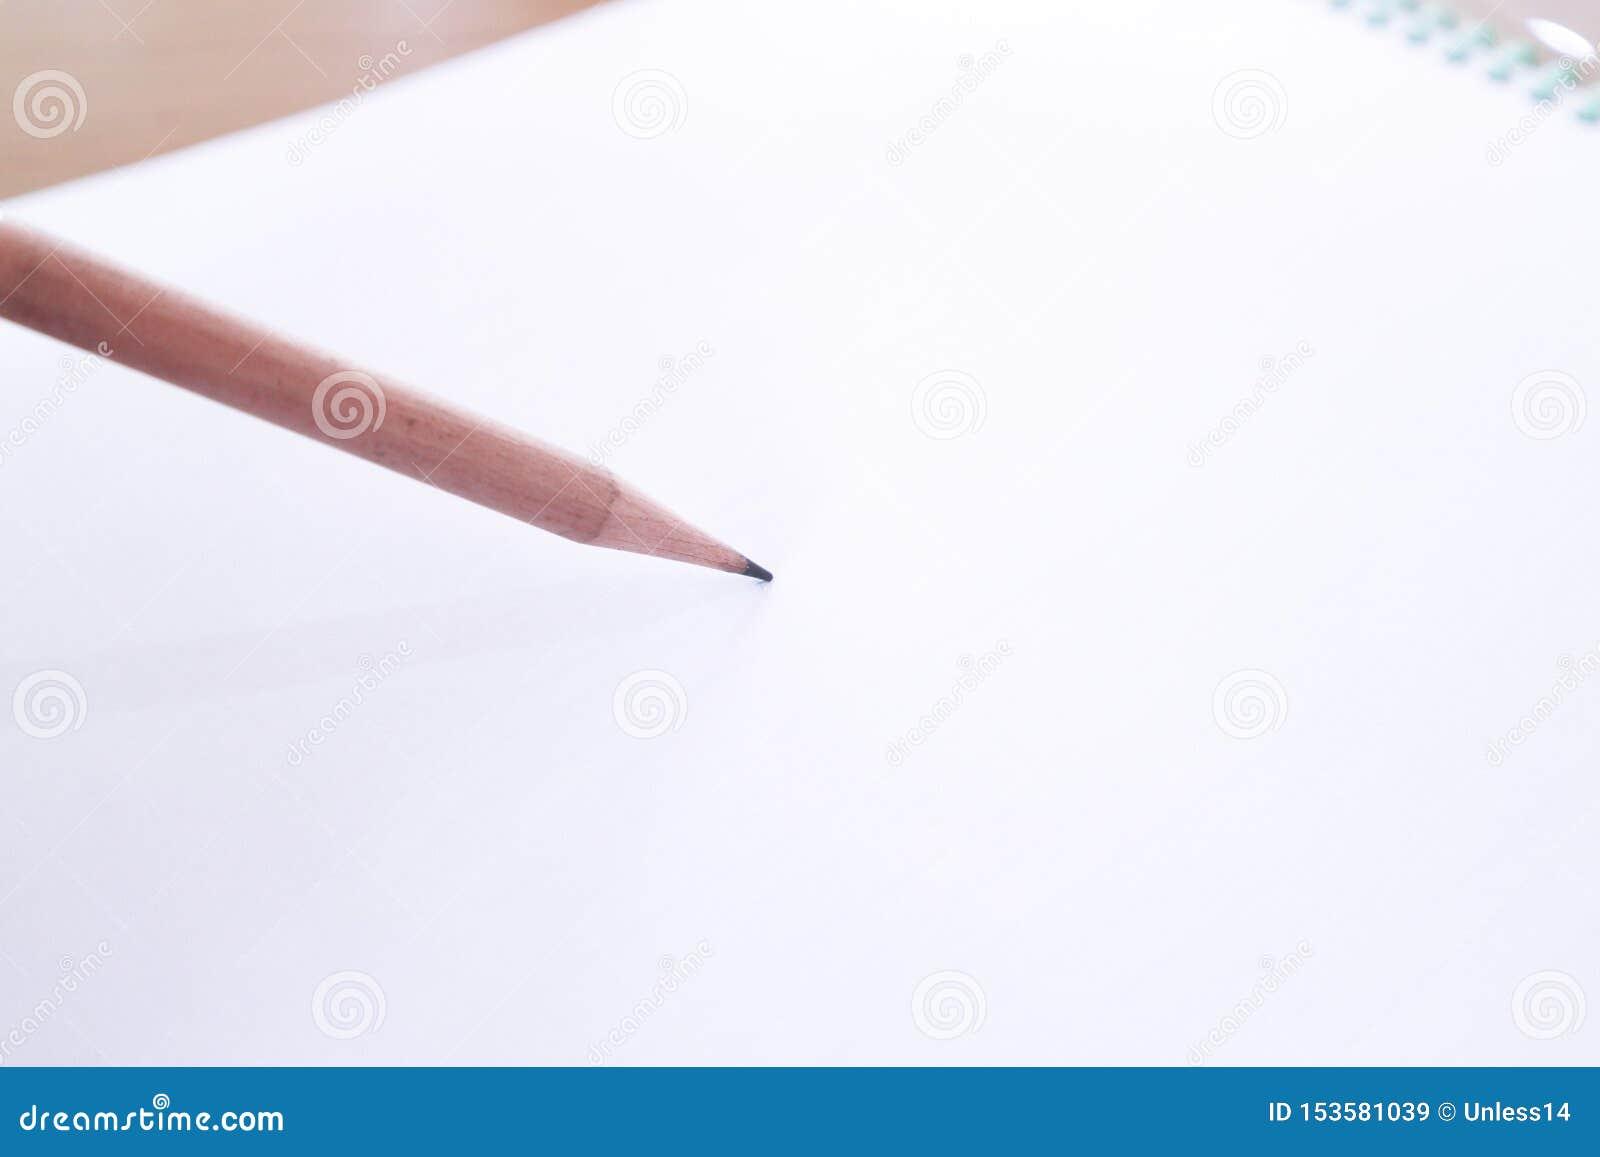 Träblyertspenna och vanligt papper